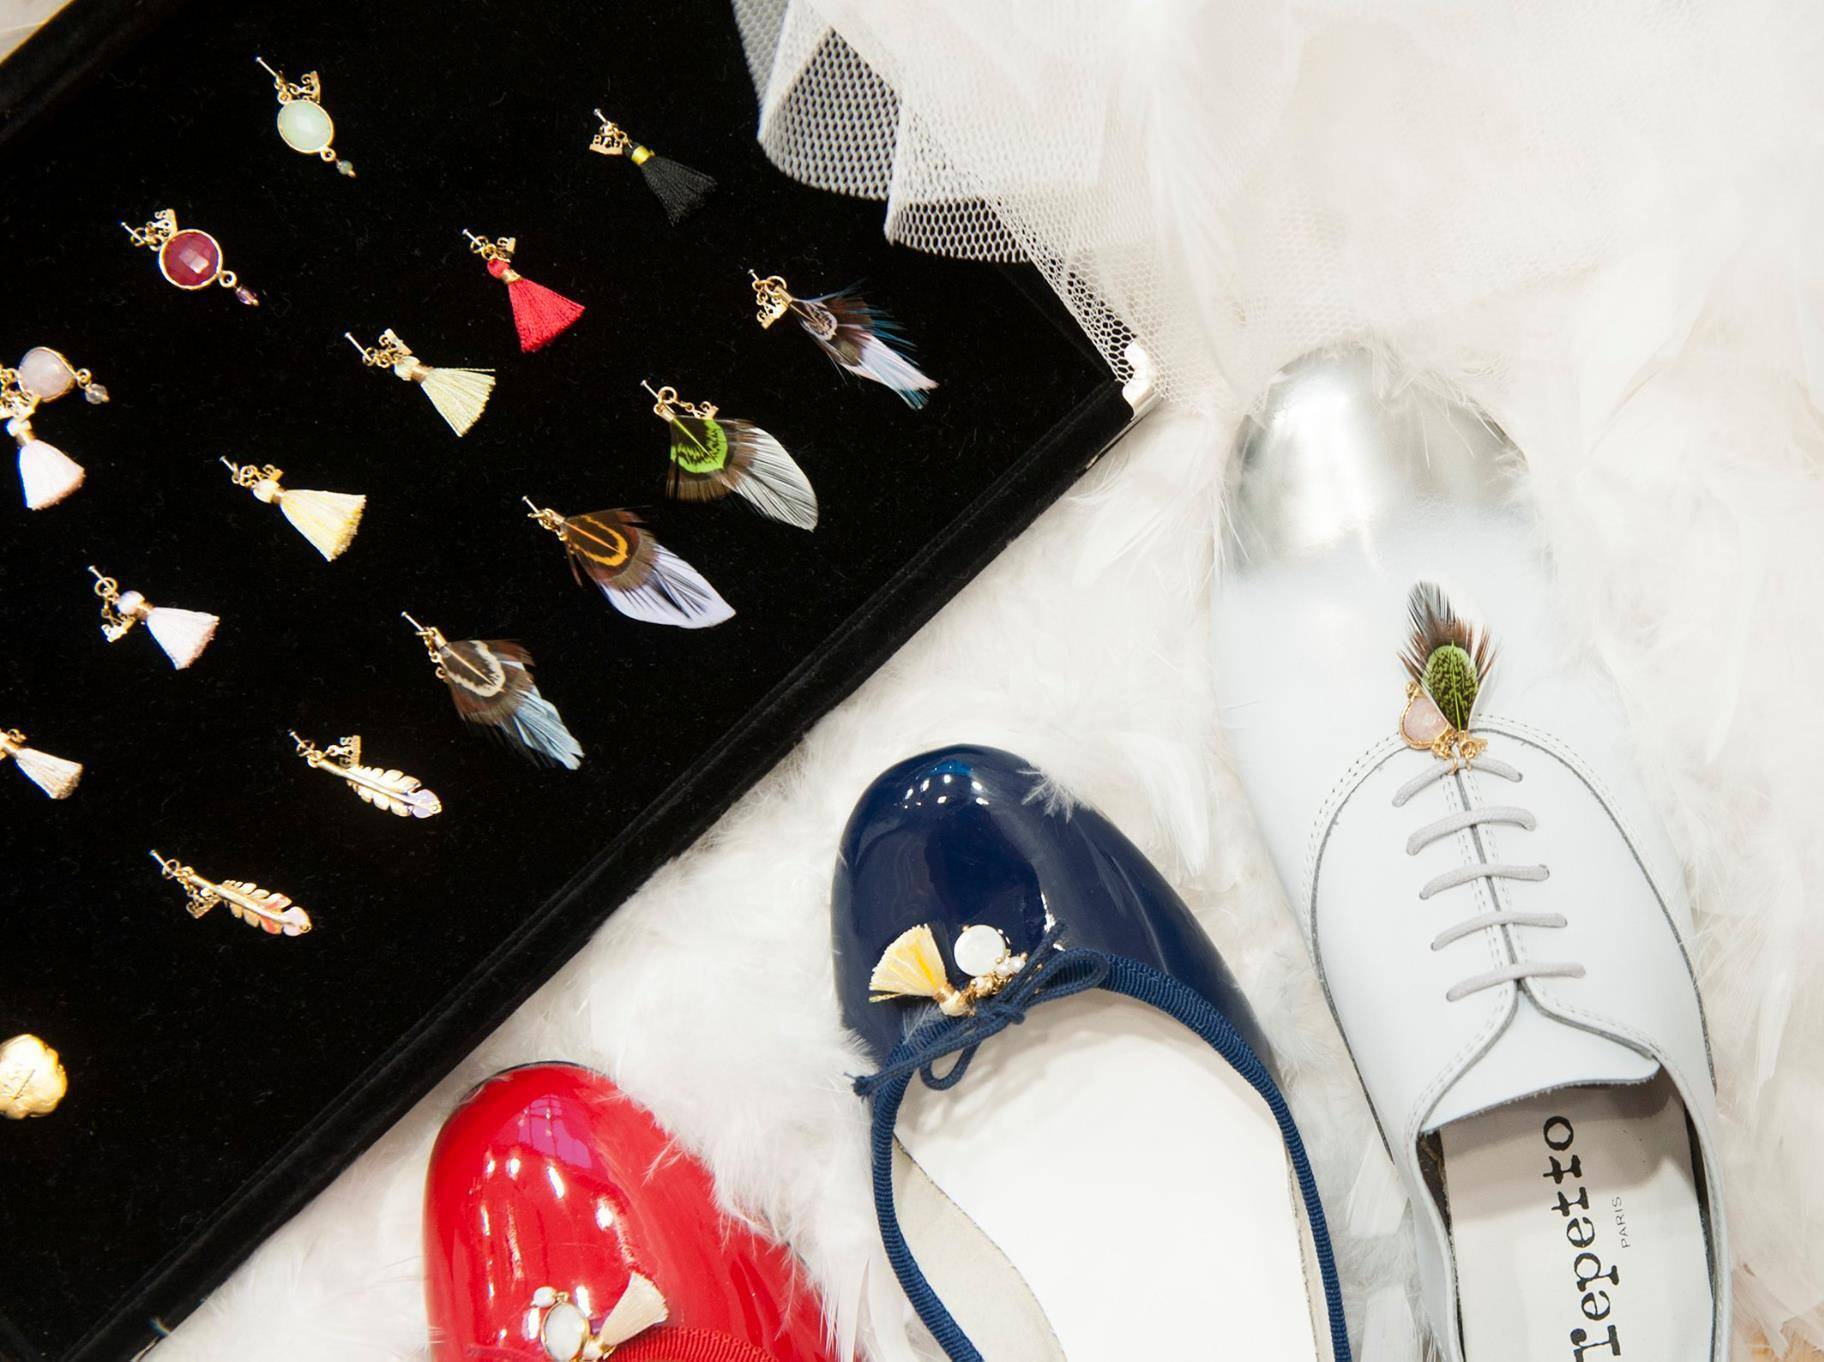 Gas-Bijoux-la-marque-de-bijoux-haute-fantaisie-francaise-a-shopper-pour-lete-1-1